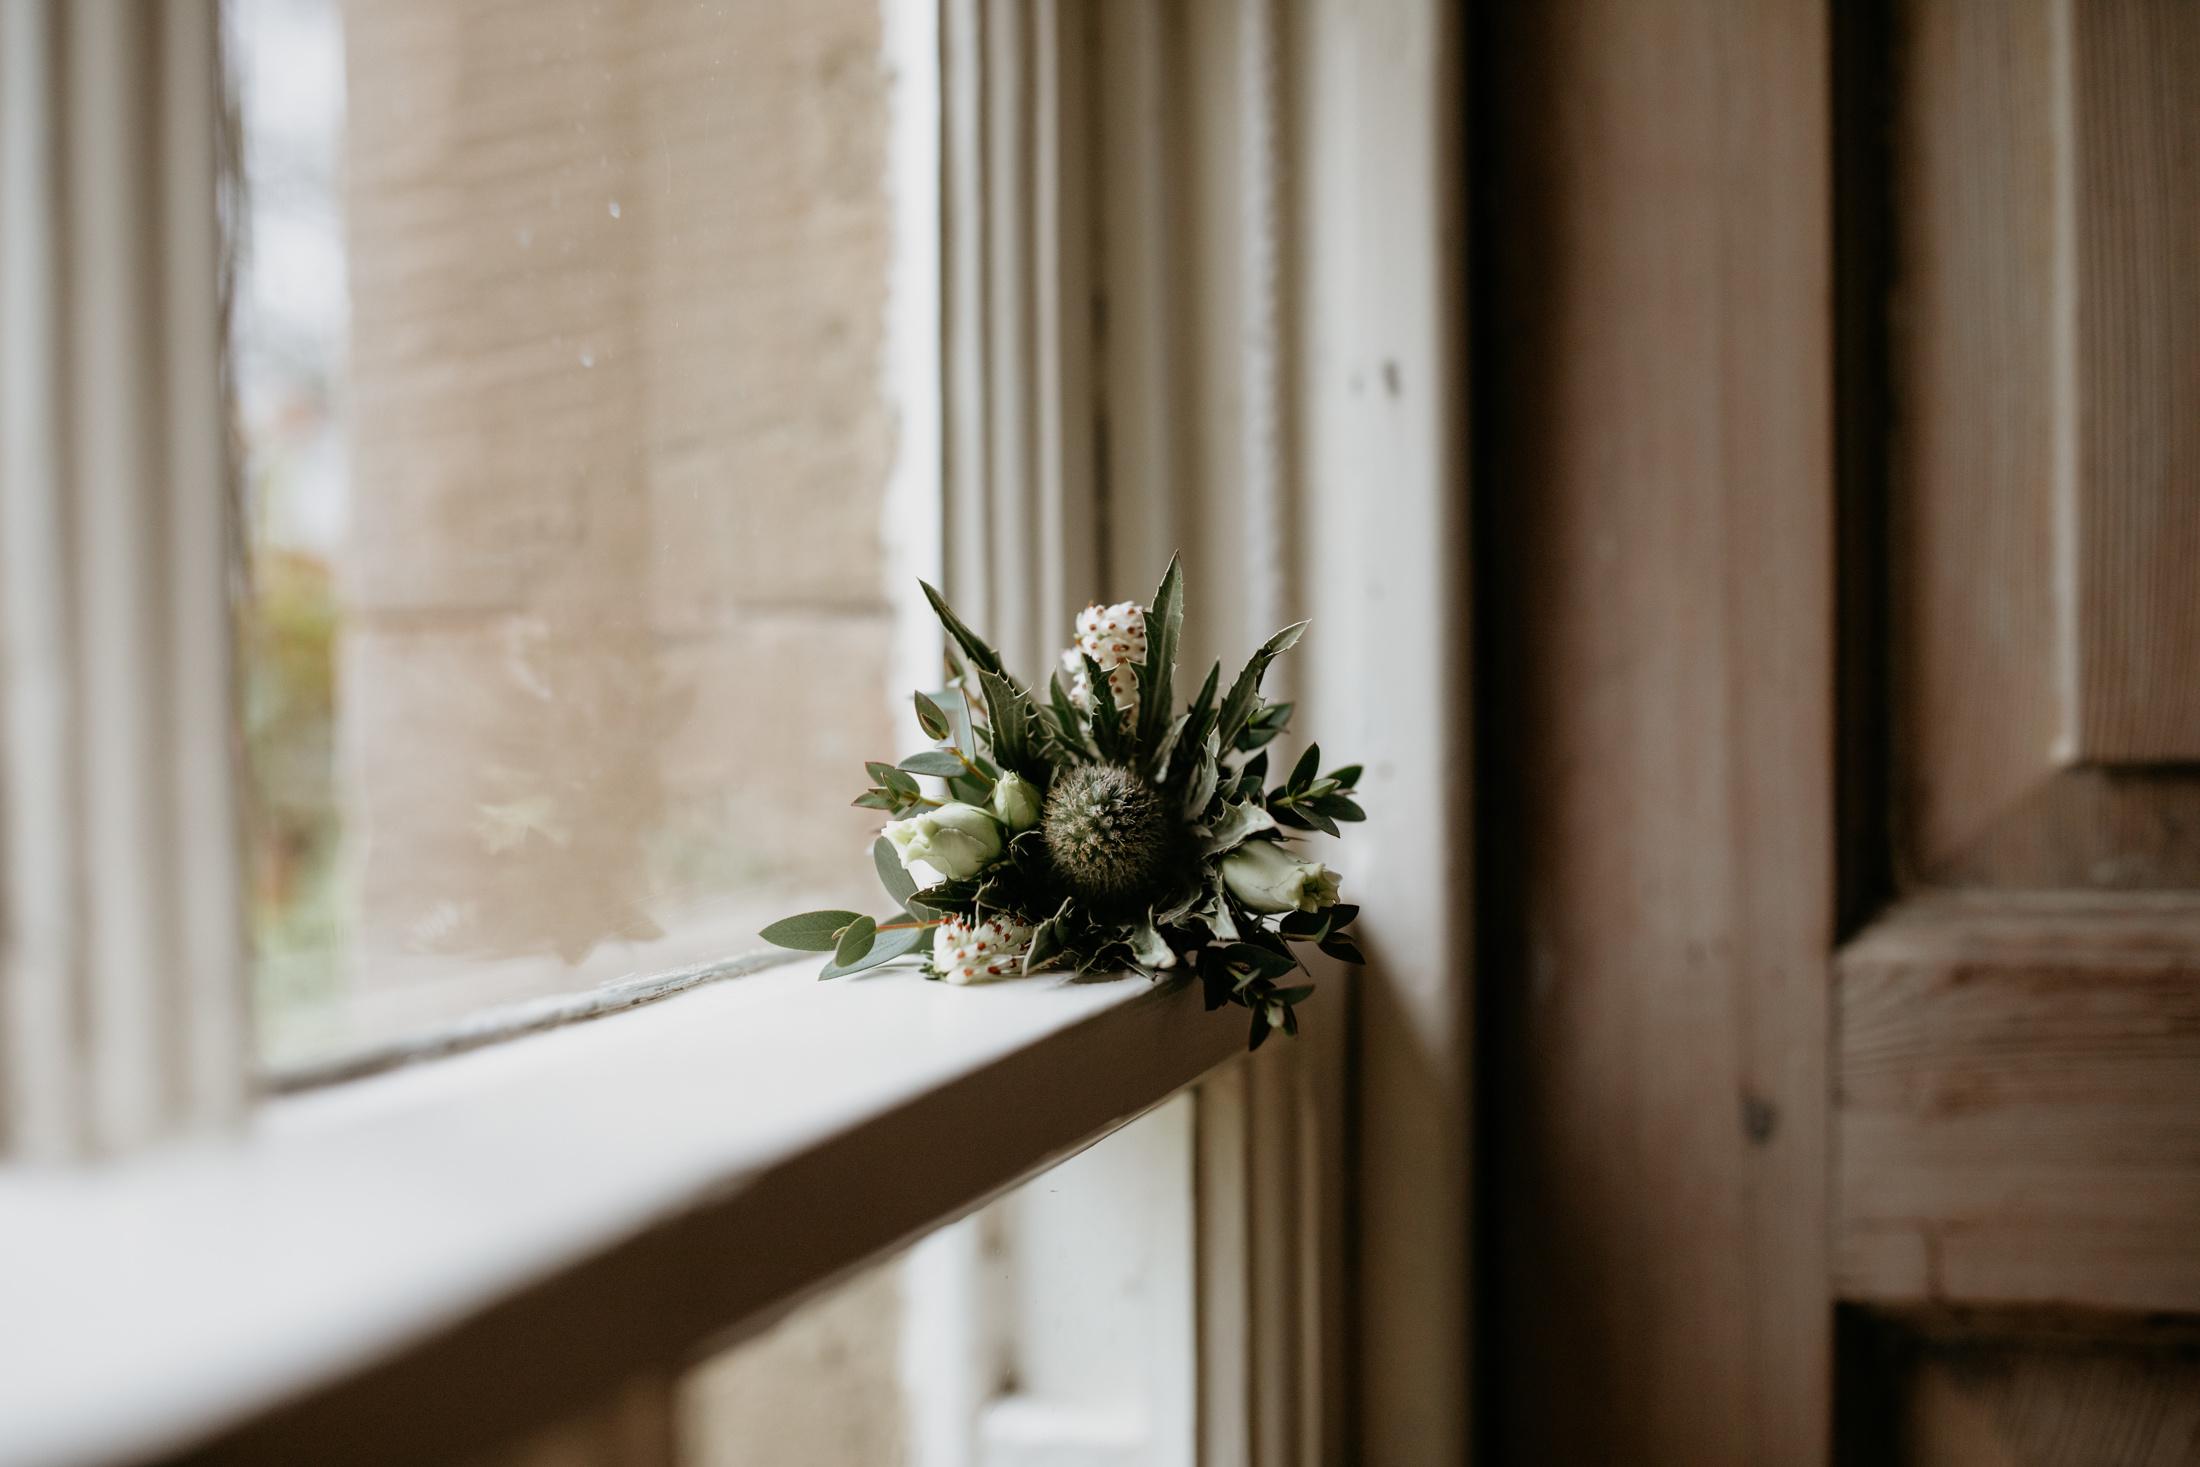 013-Brodie-Lewis-Wedderburn-Castle-Barns-Duns-Lianne-Mackay-Wedding-Photography-Edinburgh-Glasgow-Scotland.jpg